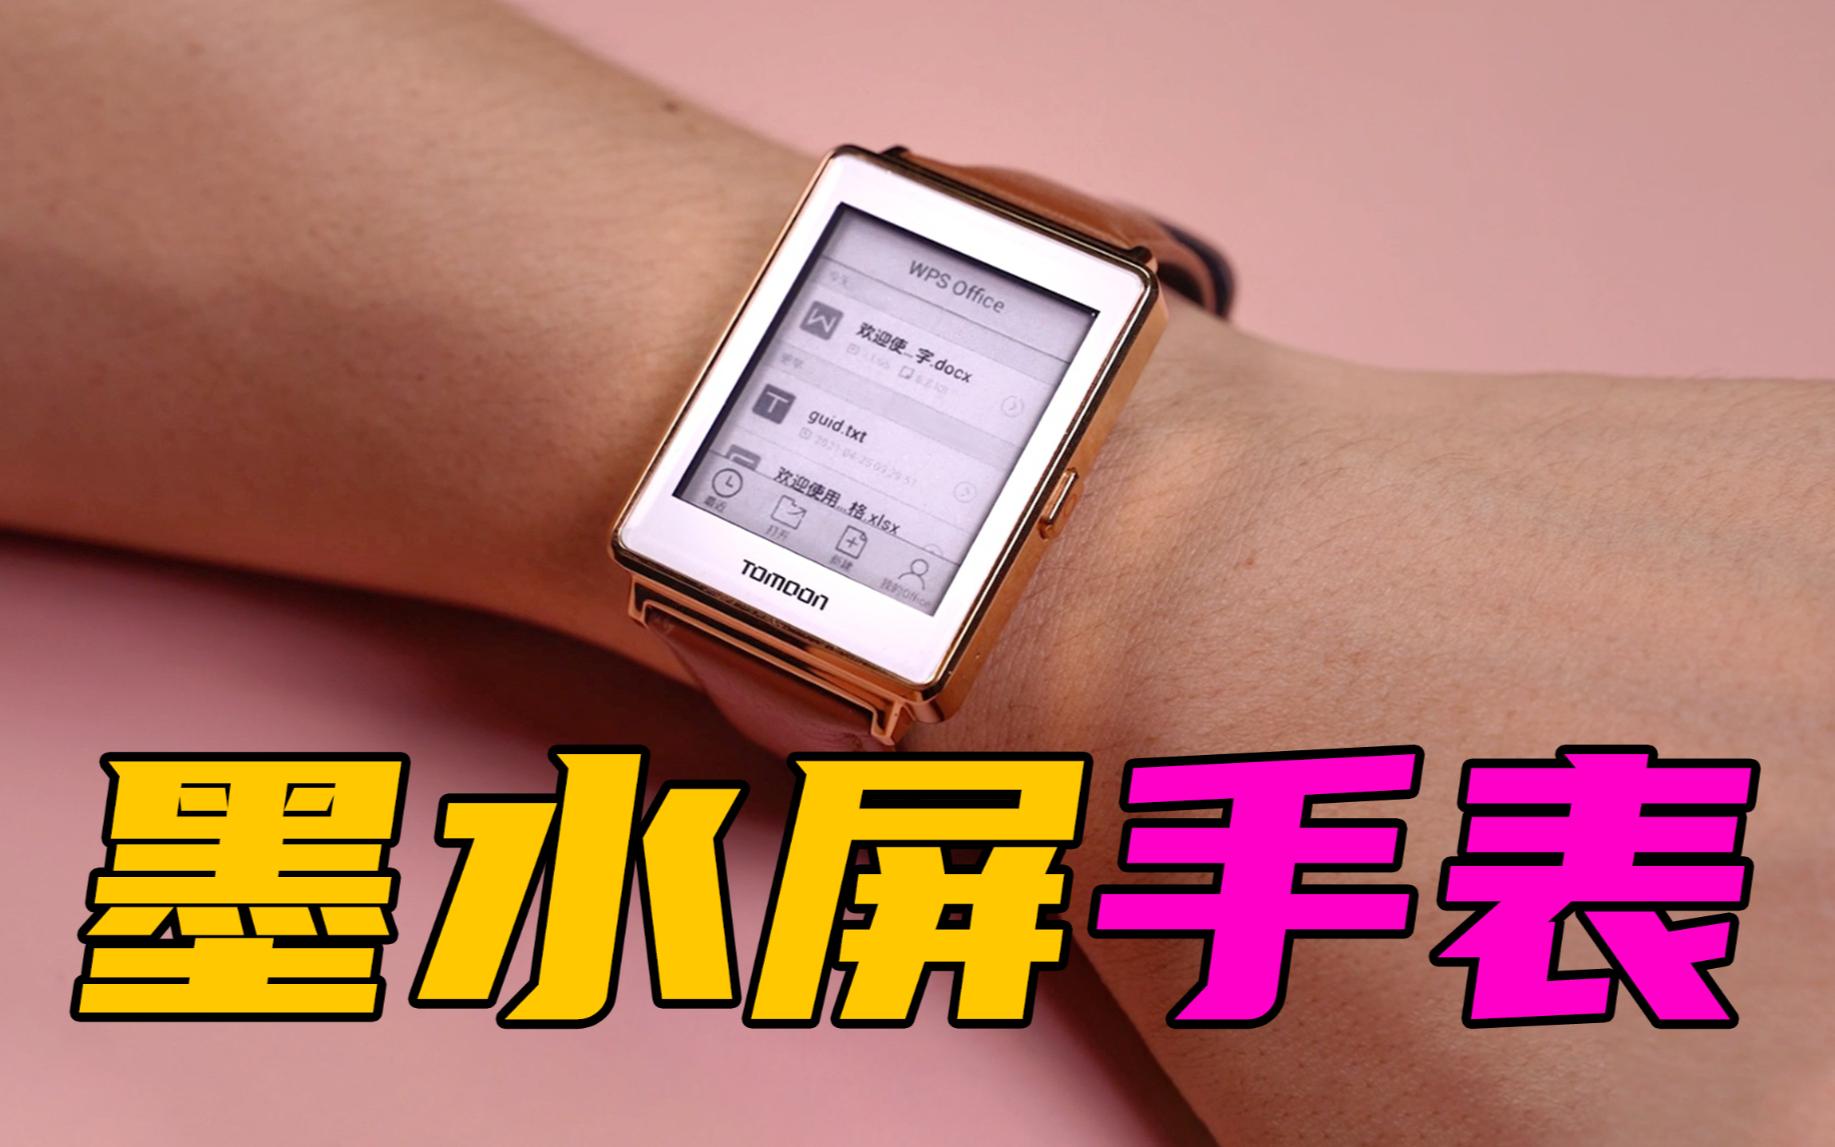 【无聊的开箱】智能墨水屏手表才是第一生产力工具!